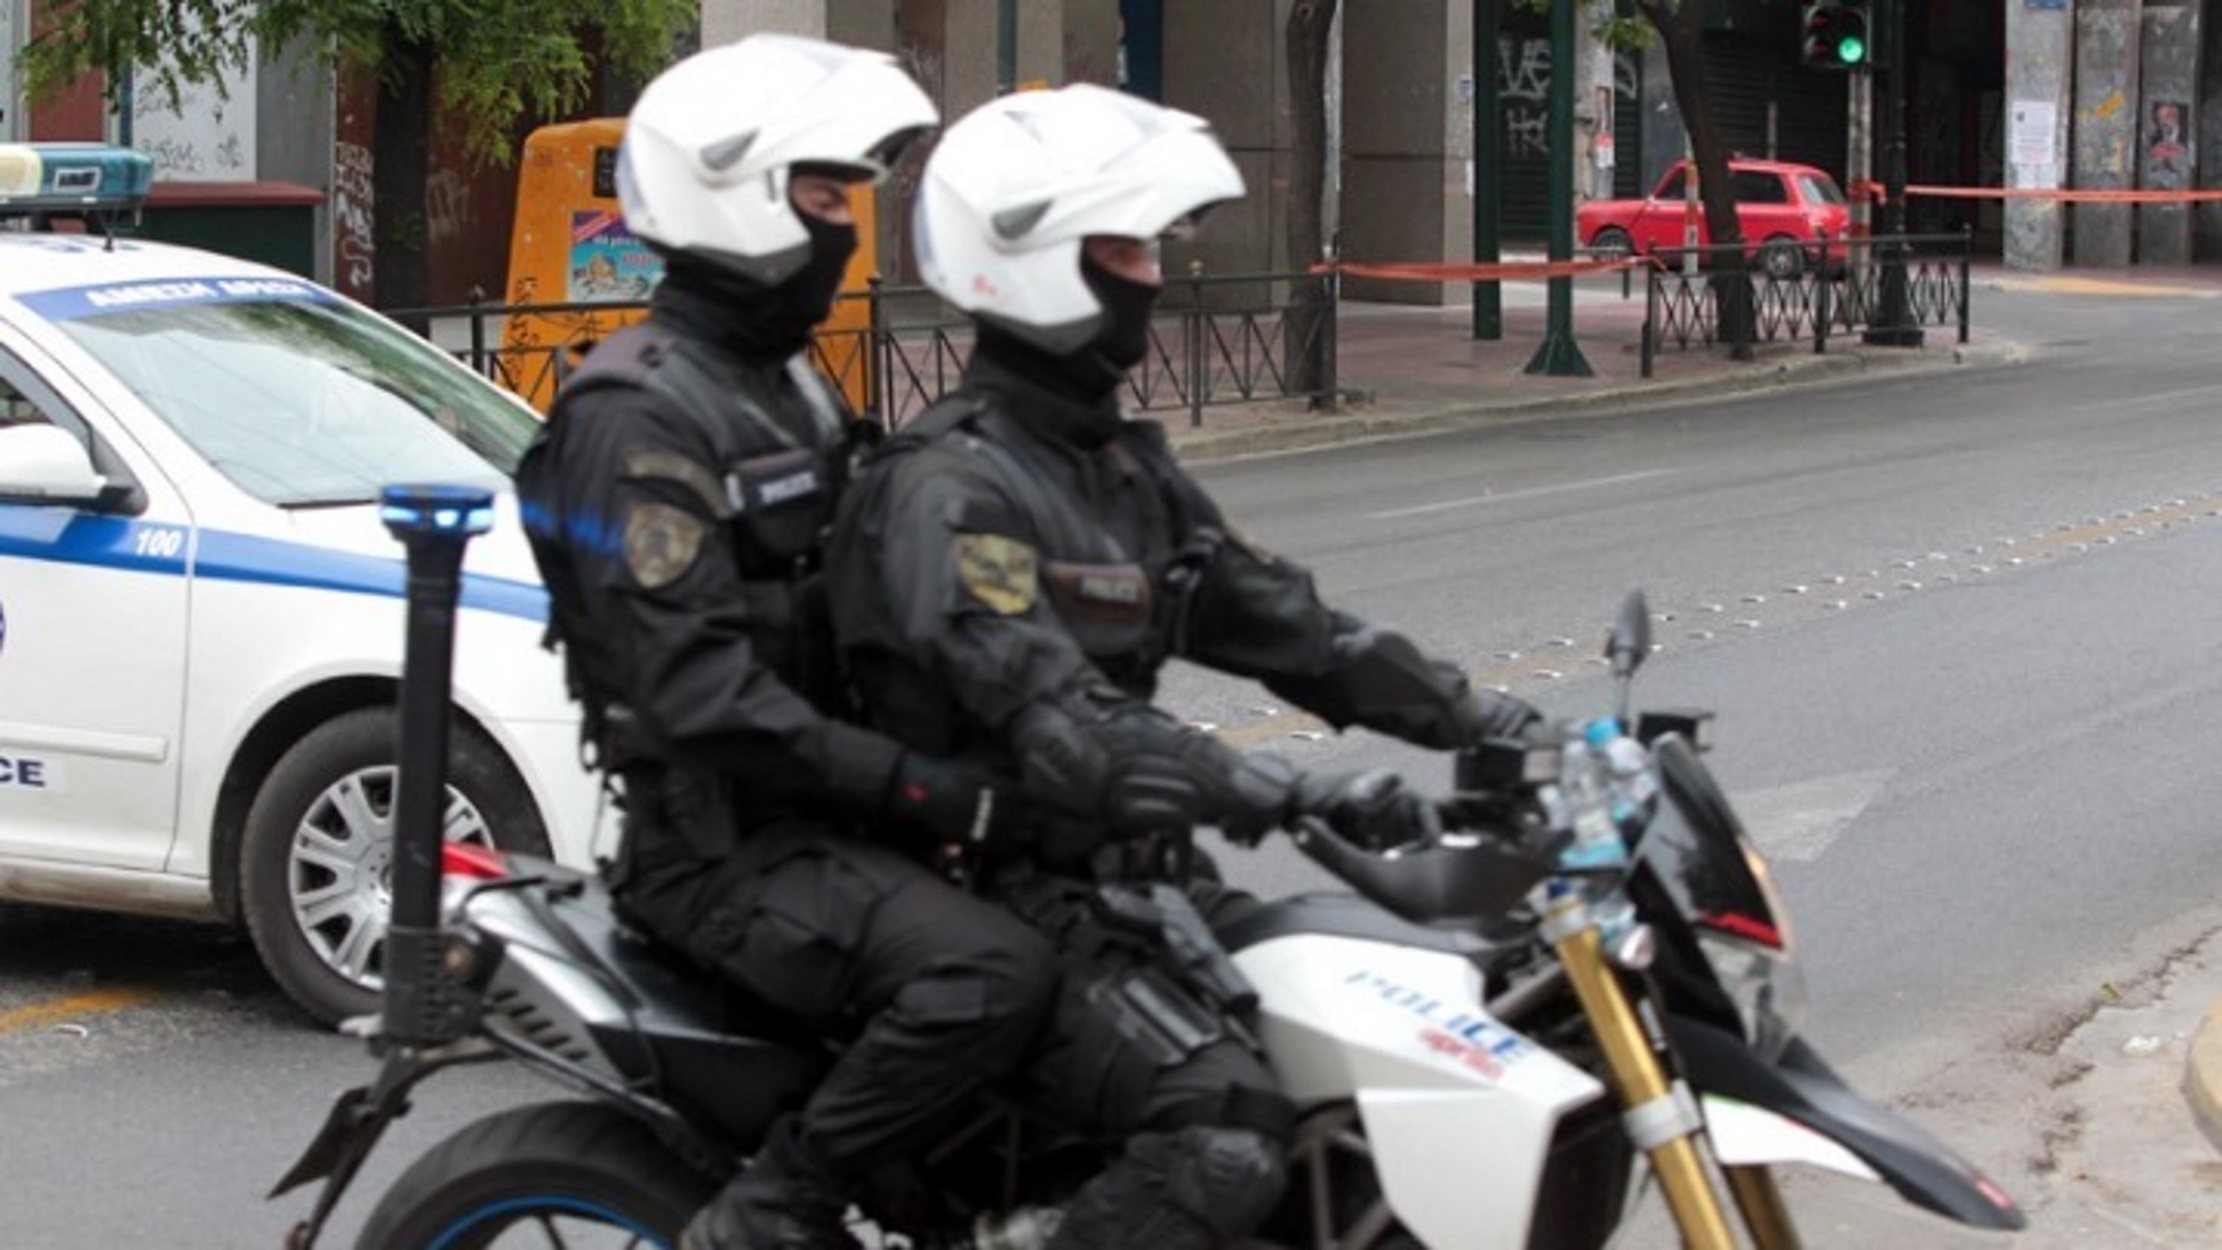 Ηράκλειο: Συλλήψεις για κλοπές – Τους έπιασαν μοτοσικλετιστές αστυνομικοί